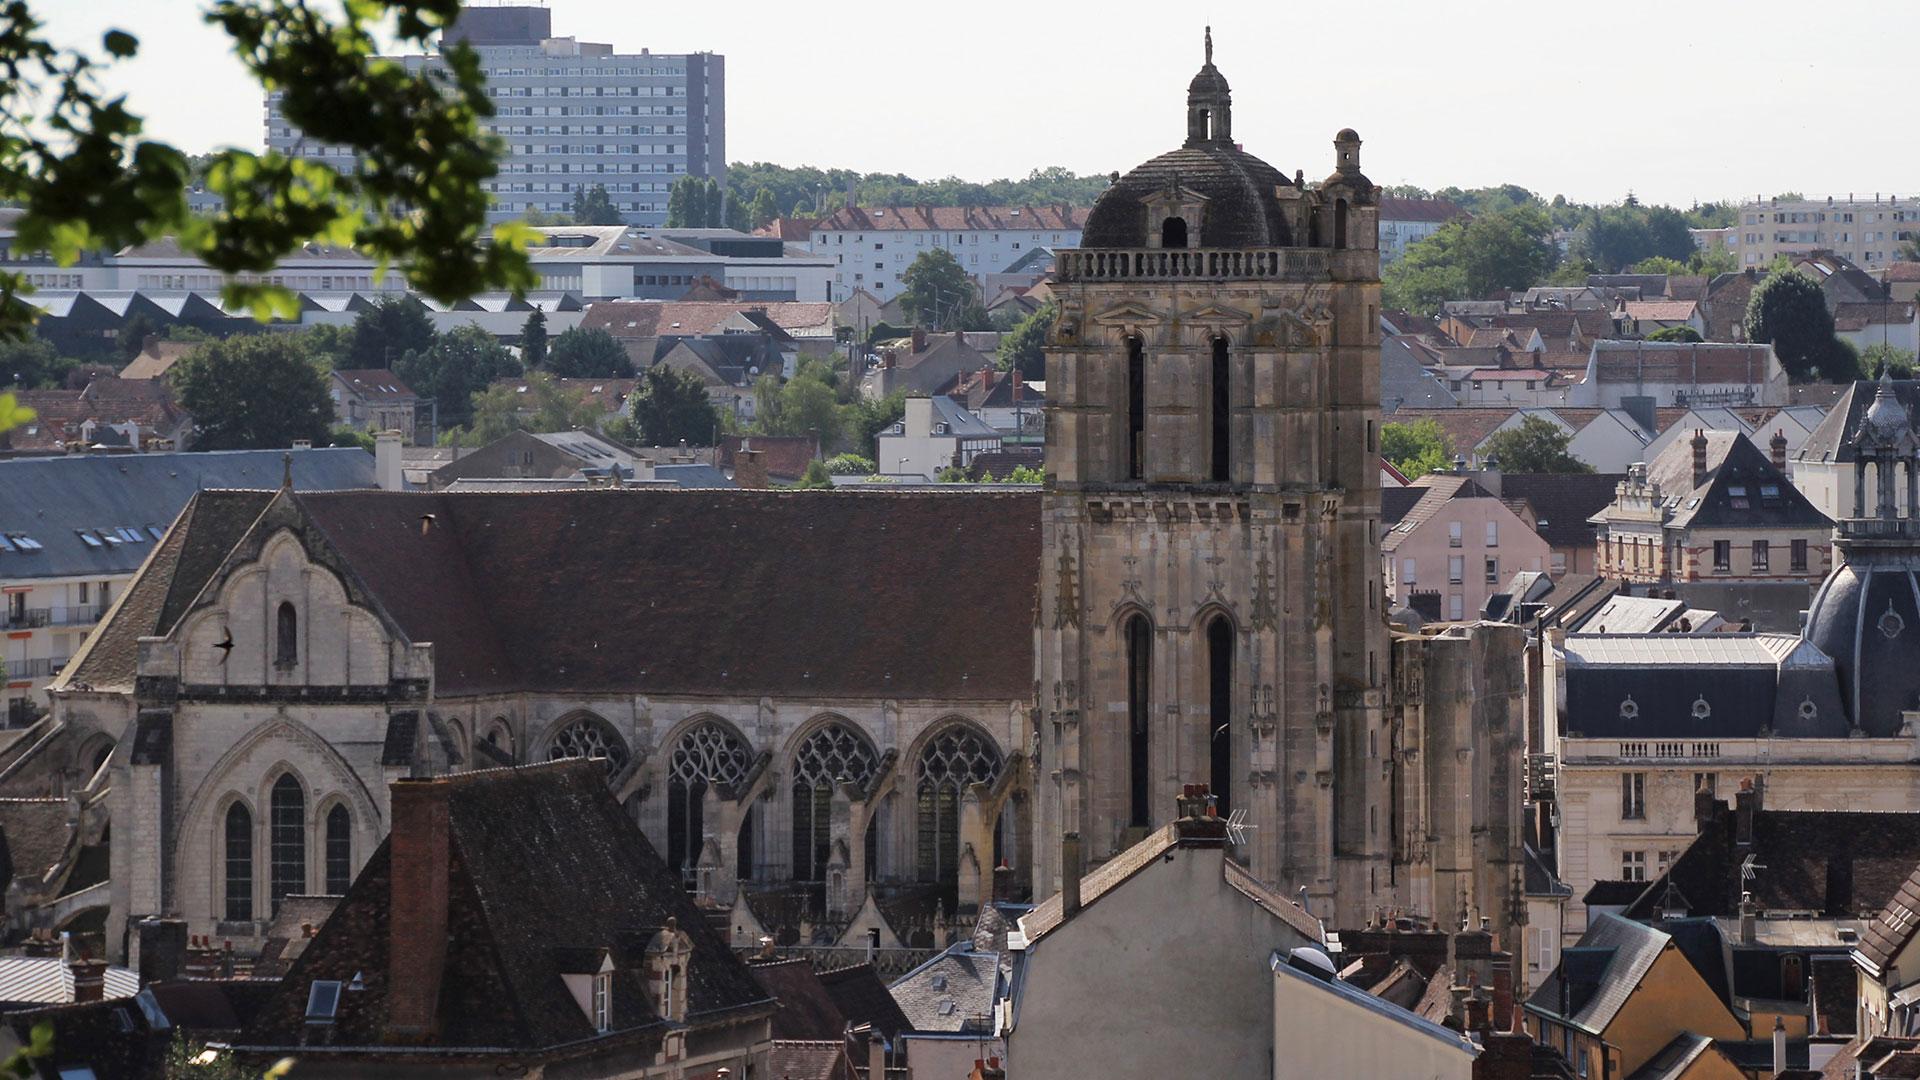 Dreux liegt etwa 90 Kilometer westlich von Paris, im Tal des Flusses Eure